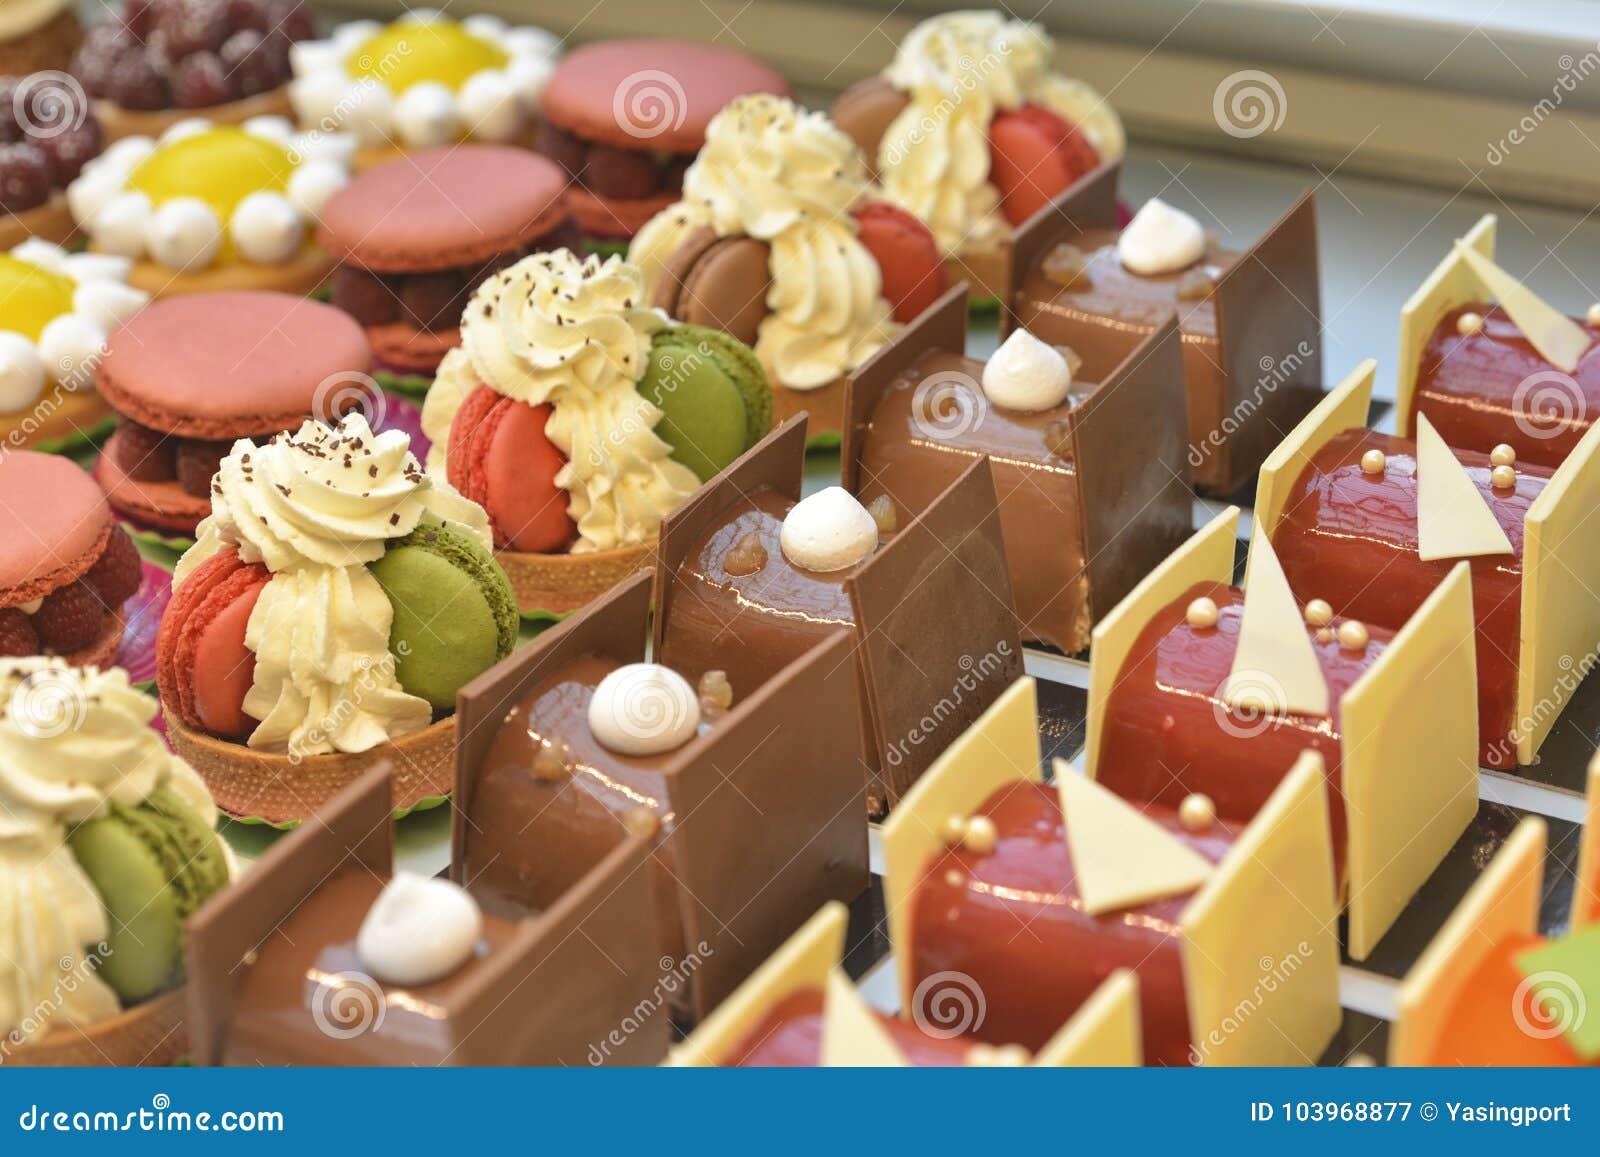 Franse gebakjes De chocolade koekt macaron en anderen op vertoning een banketbakkerijwinkel